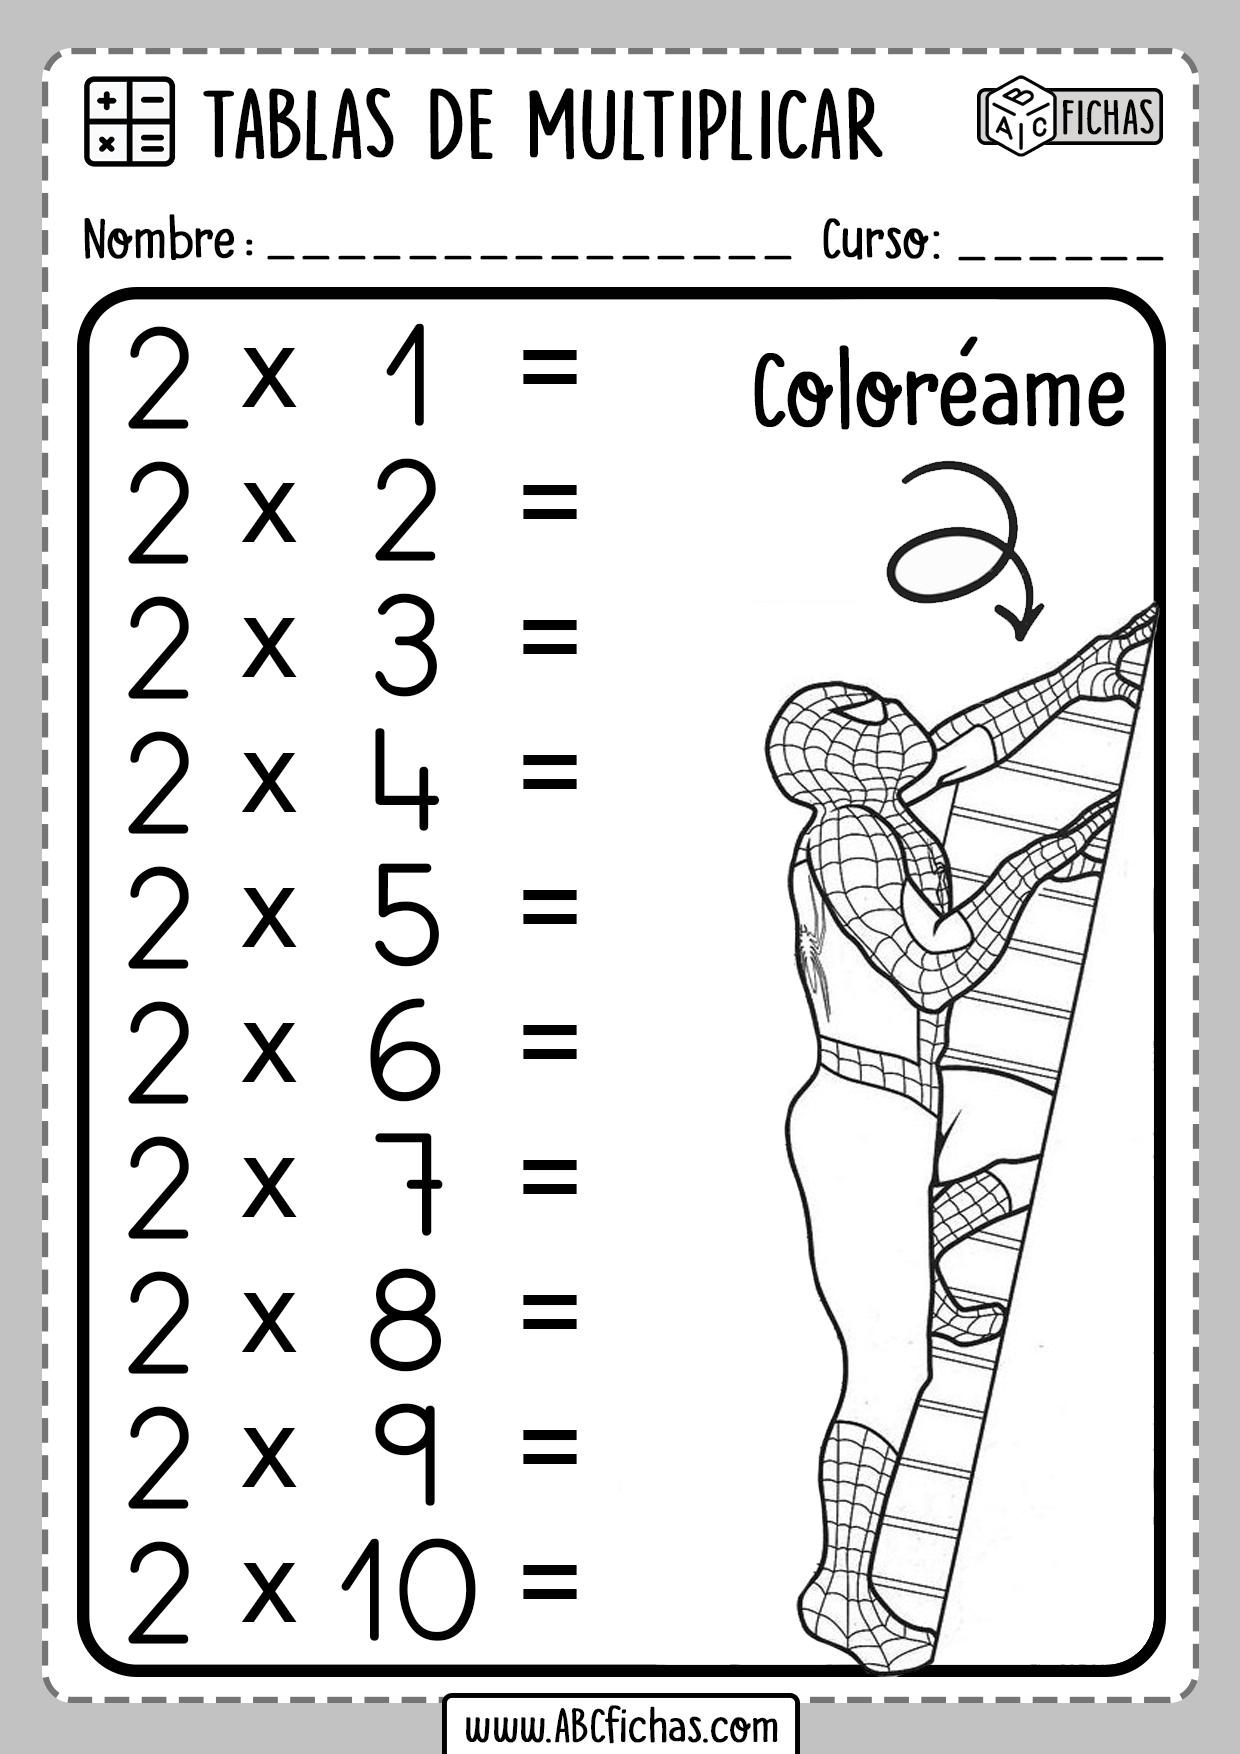 Fichas para repasar las tablas de multiplicar